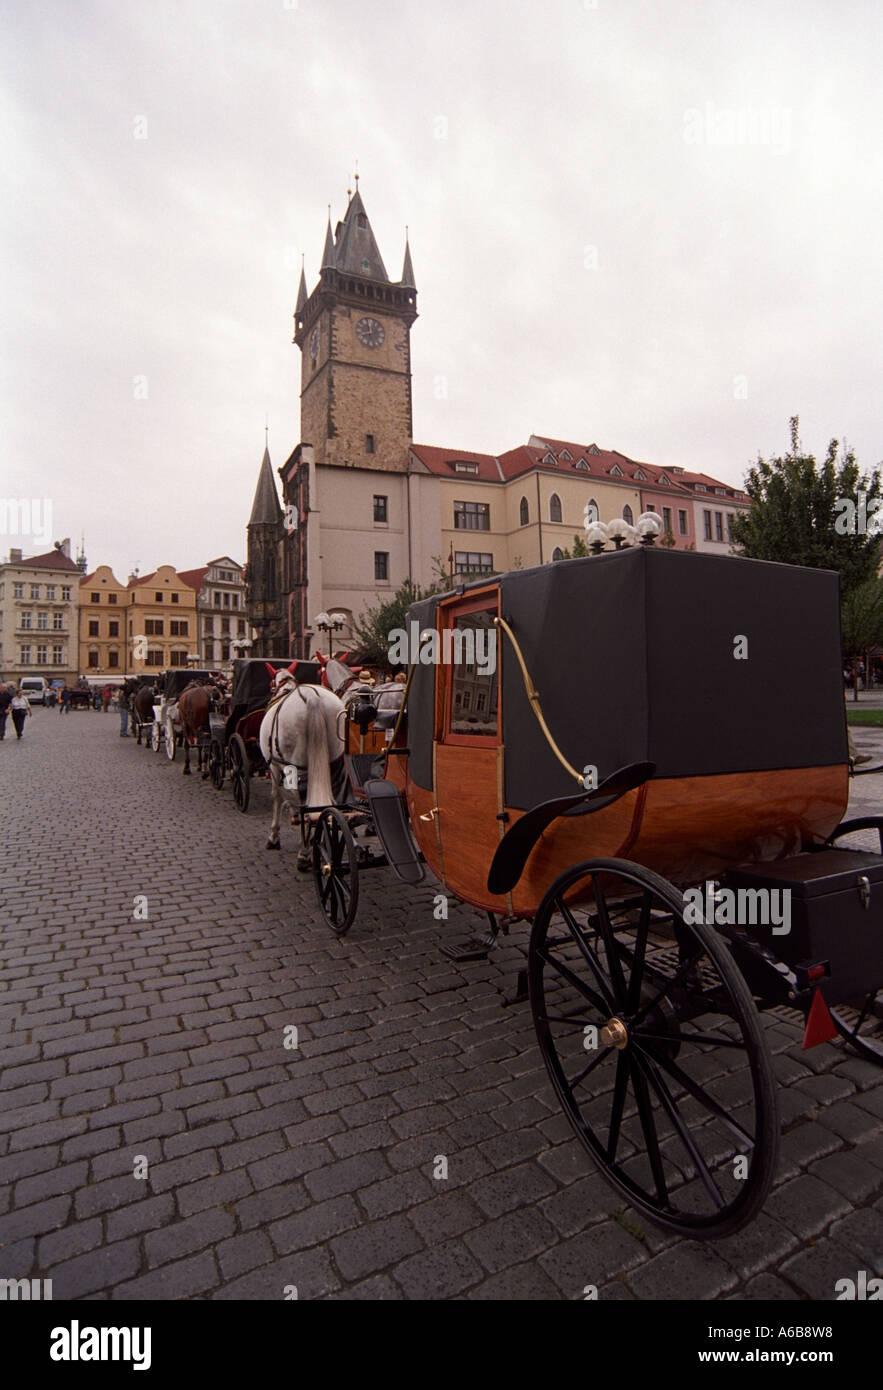 Les entraîneurs à cheval en attente pour les touristes à travers la ville de Prague Chechoslovakia Photo Stock